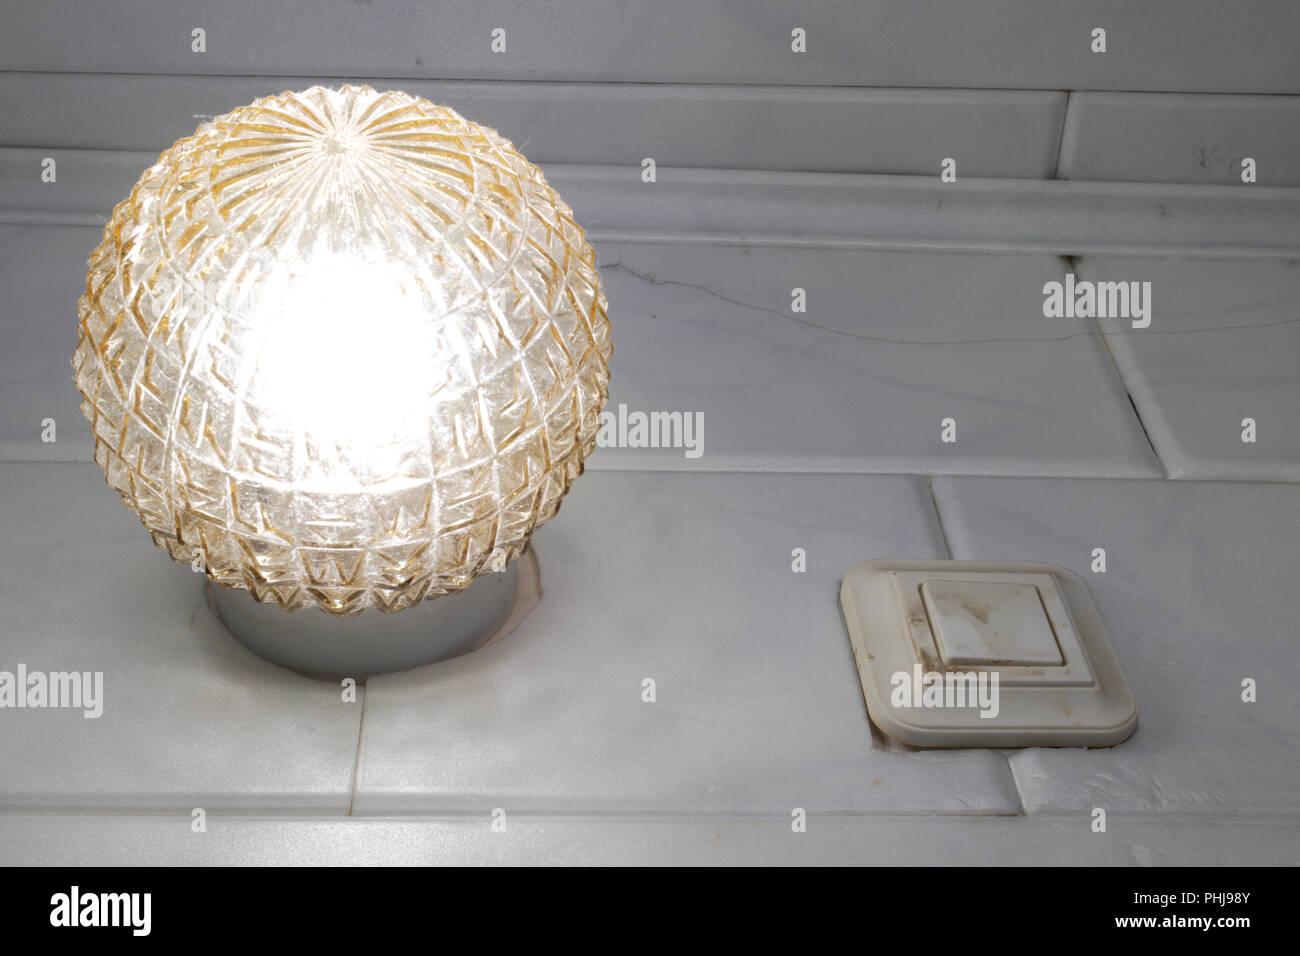 Plafoniere Con Interruttore : Plafoniera e una vecchia pista parete interruttore a pulsante. vetro